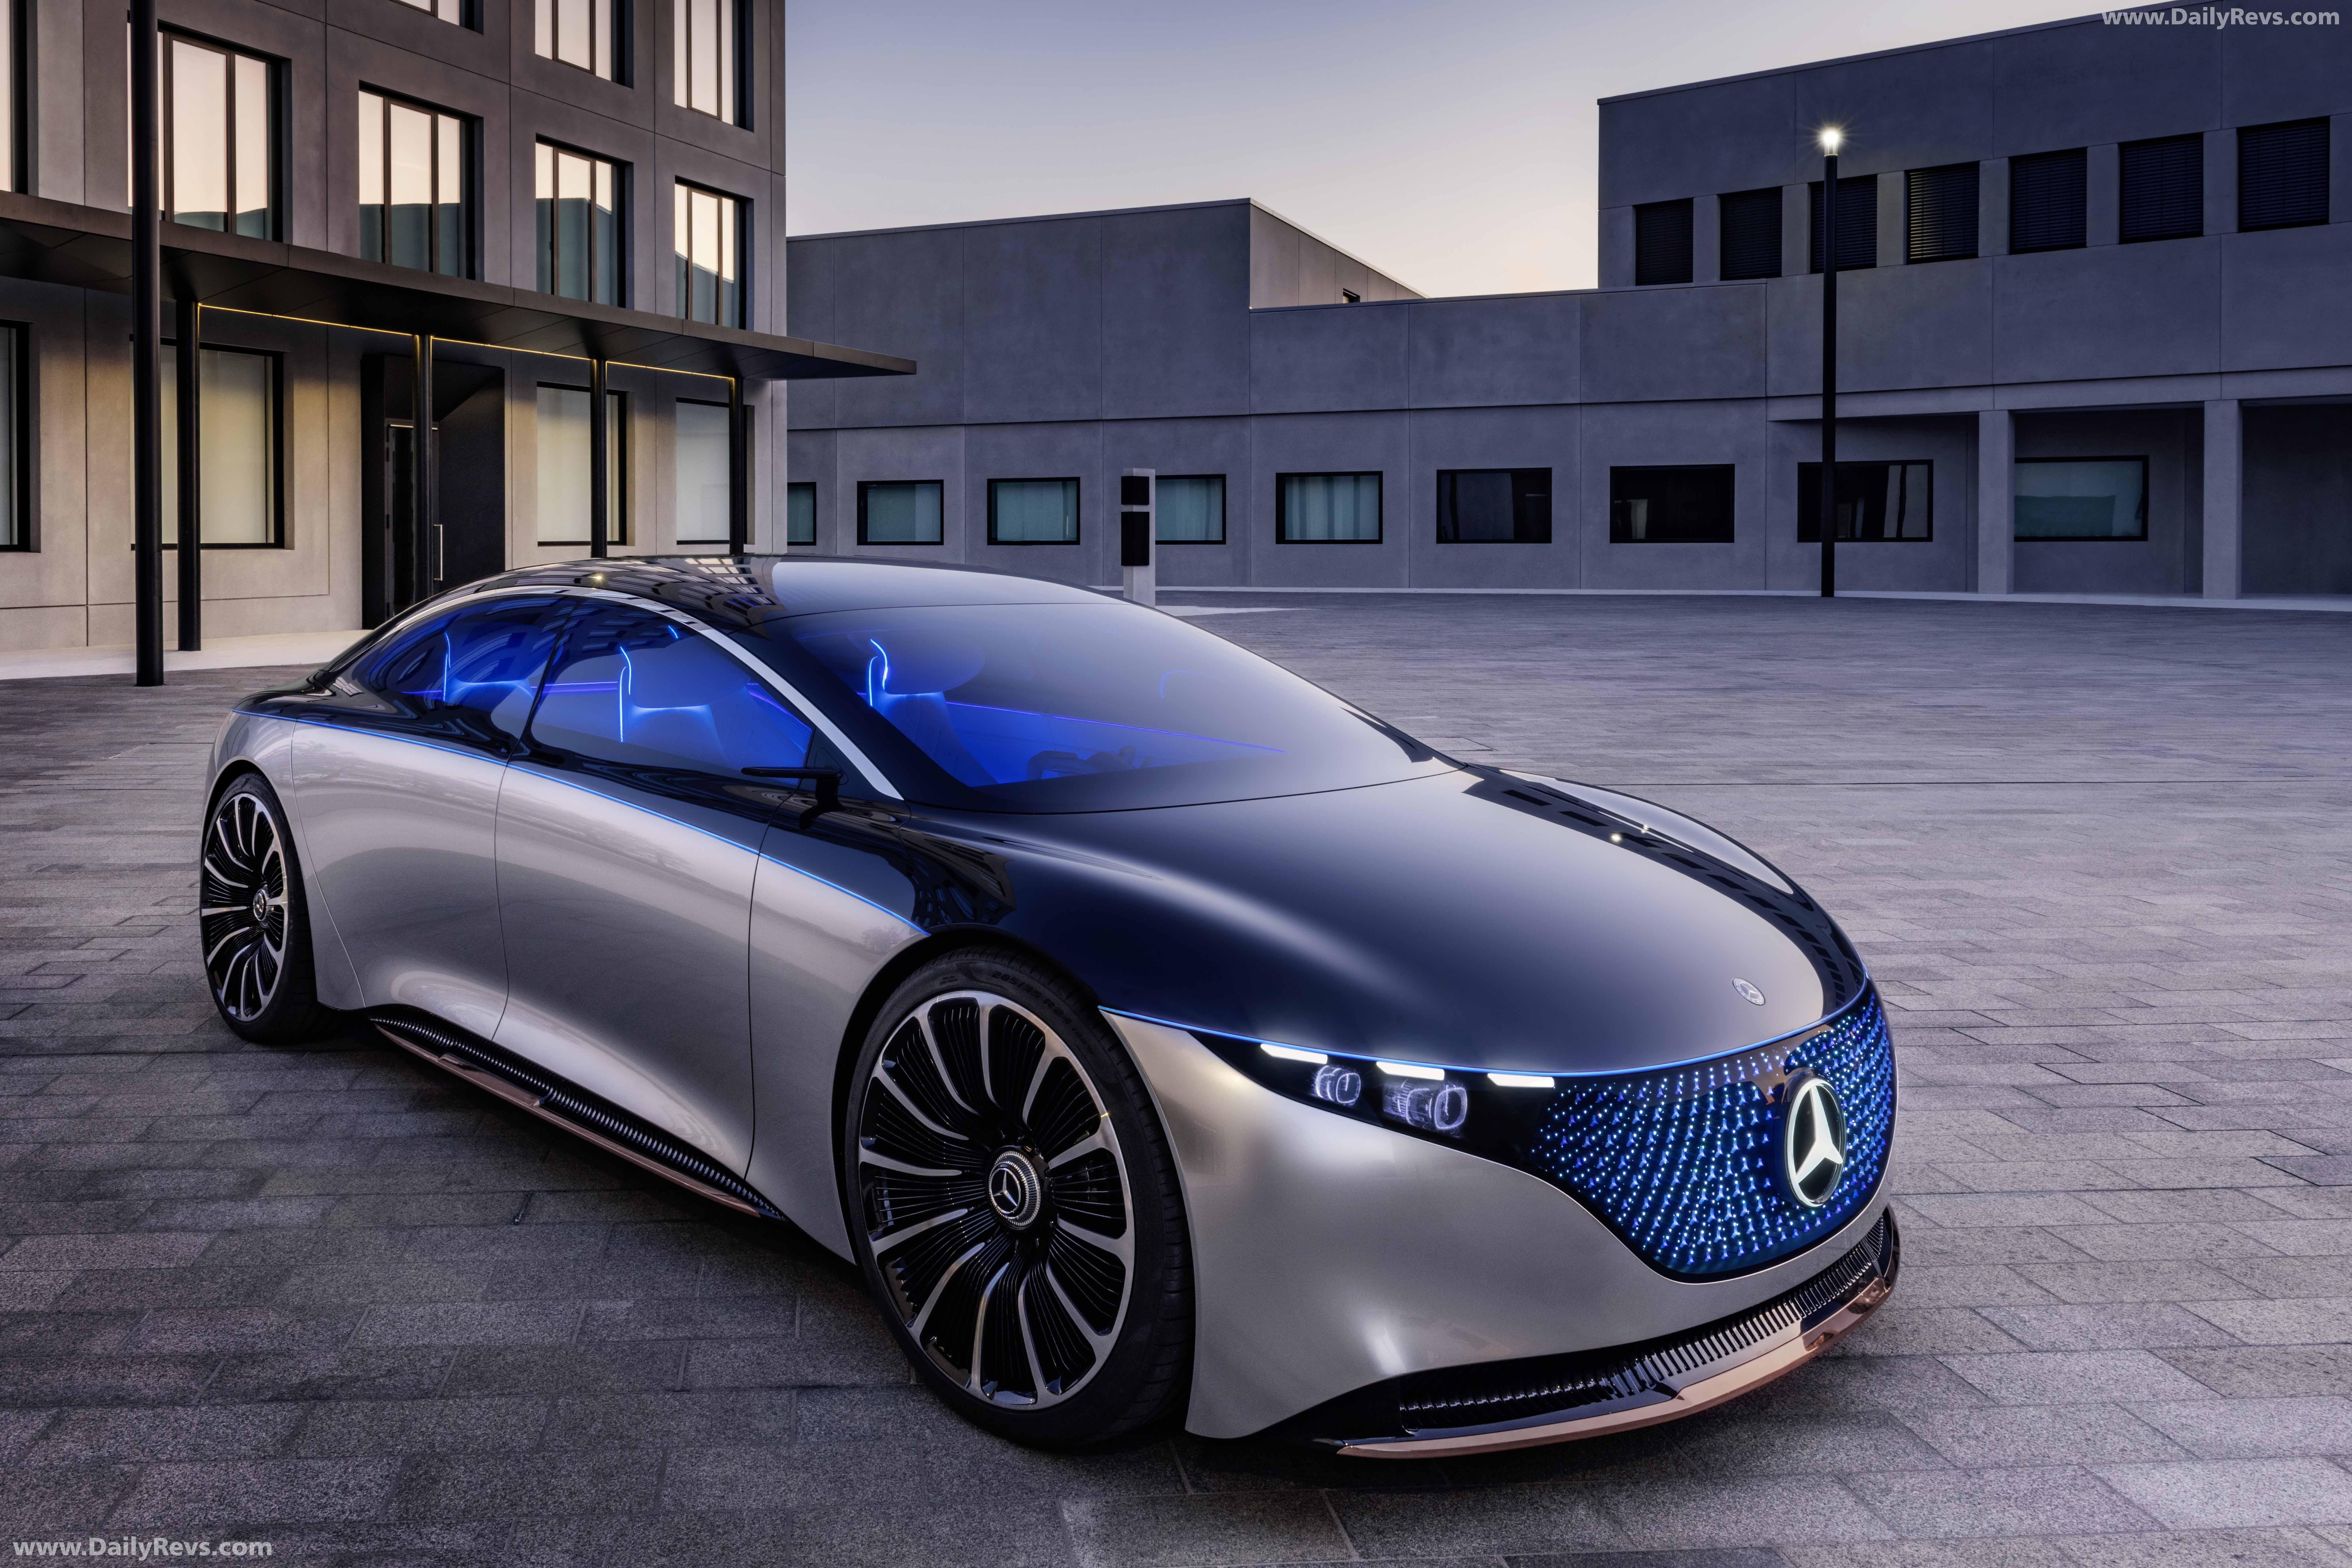 2019 Mercedes-Benz Vision EQS Concept - HD Pictures ...